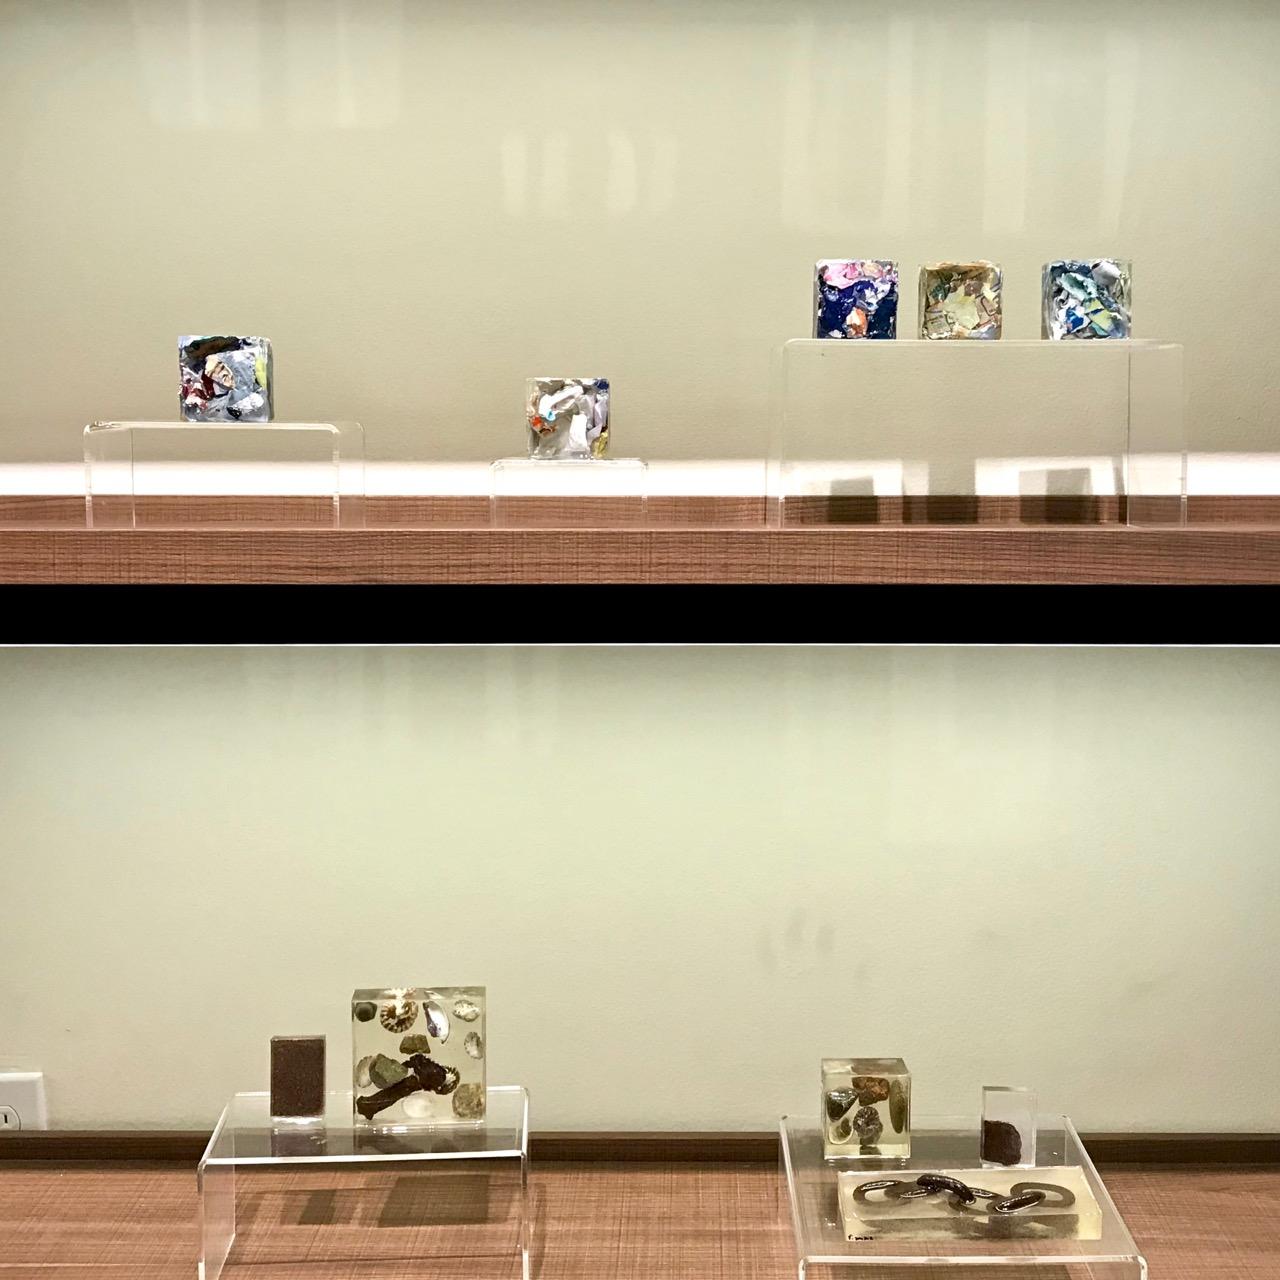 Wunderkammer Installation  at DZINE Gallery •October 2018